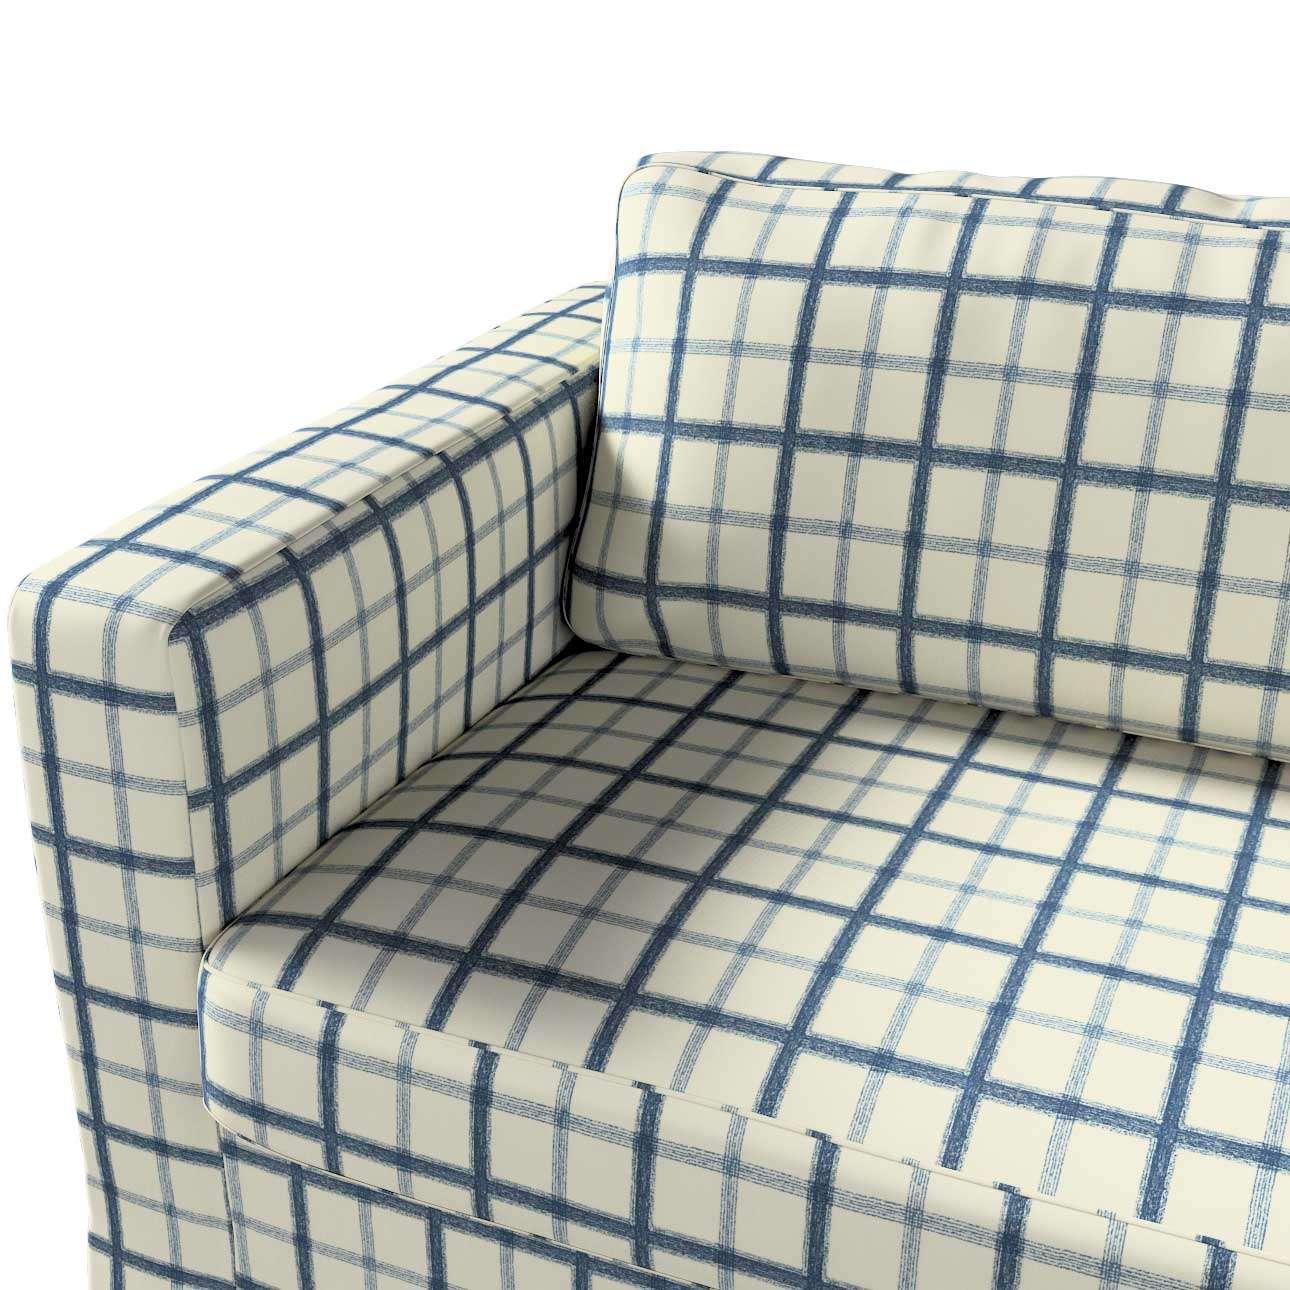 Pokrowiec na sofę Karlstad 3-osobową nierozkładaną, długi w kolekcji Avinon, tkanina: 131-66